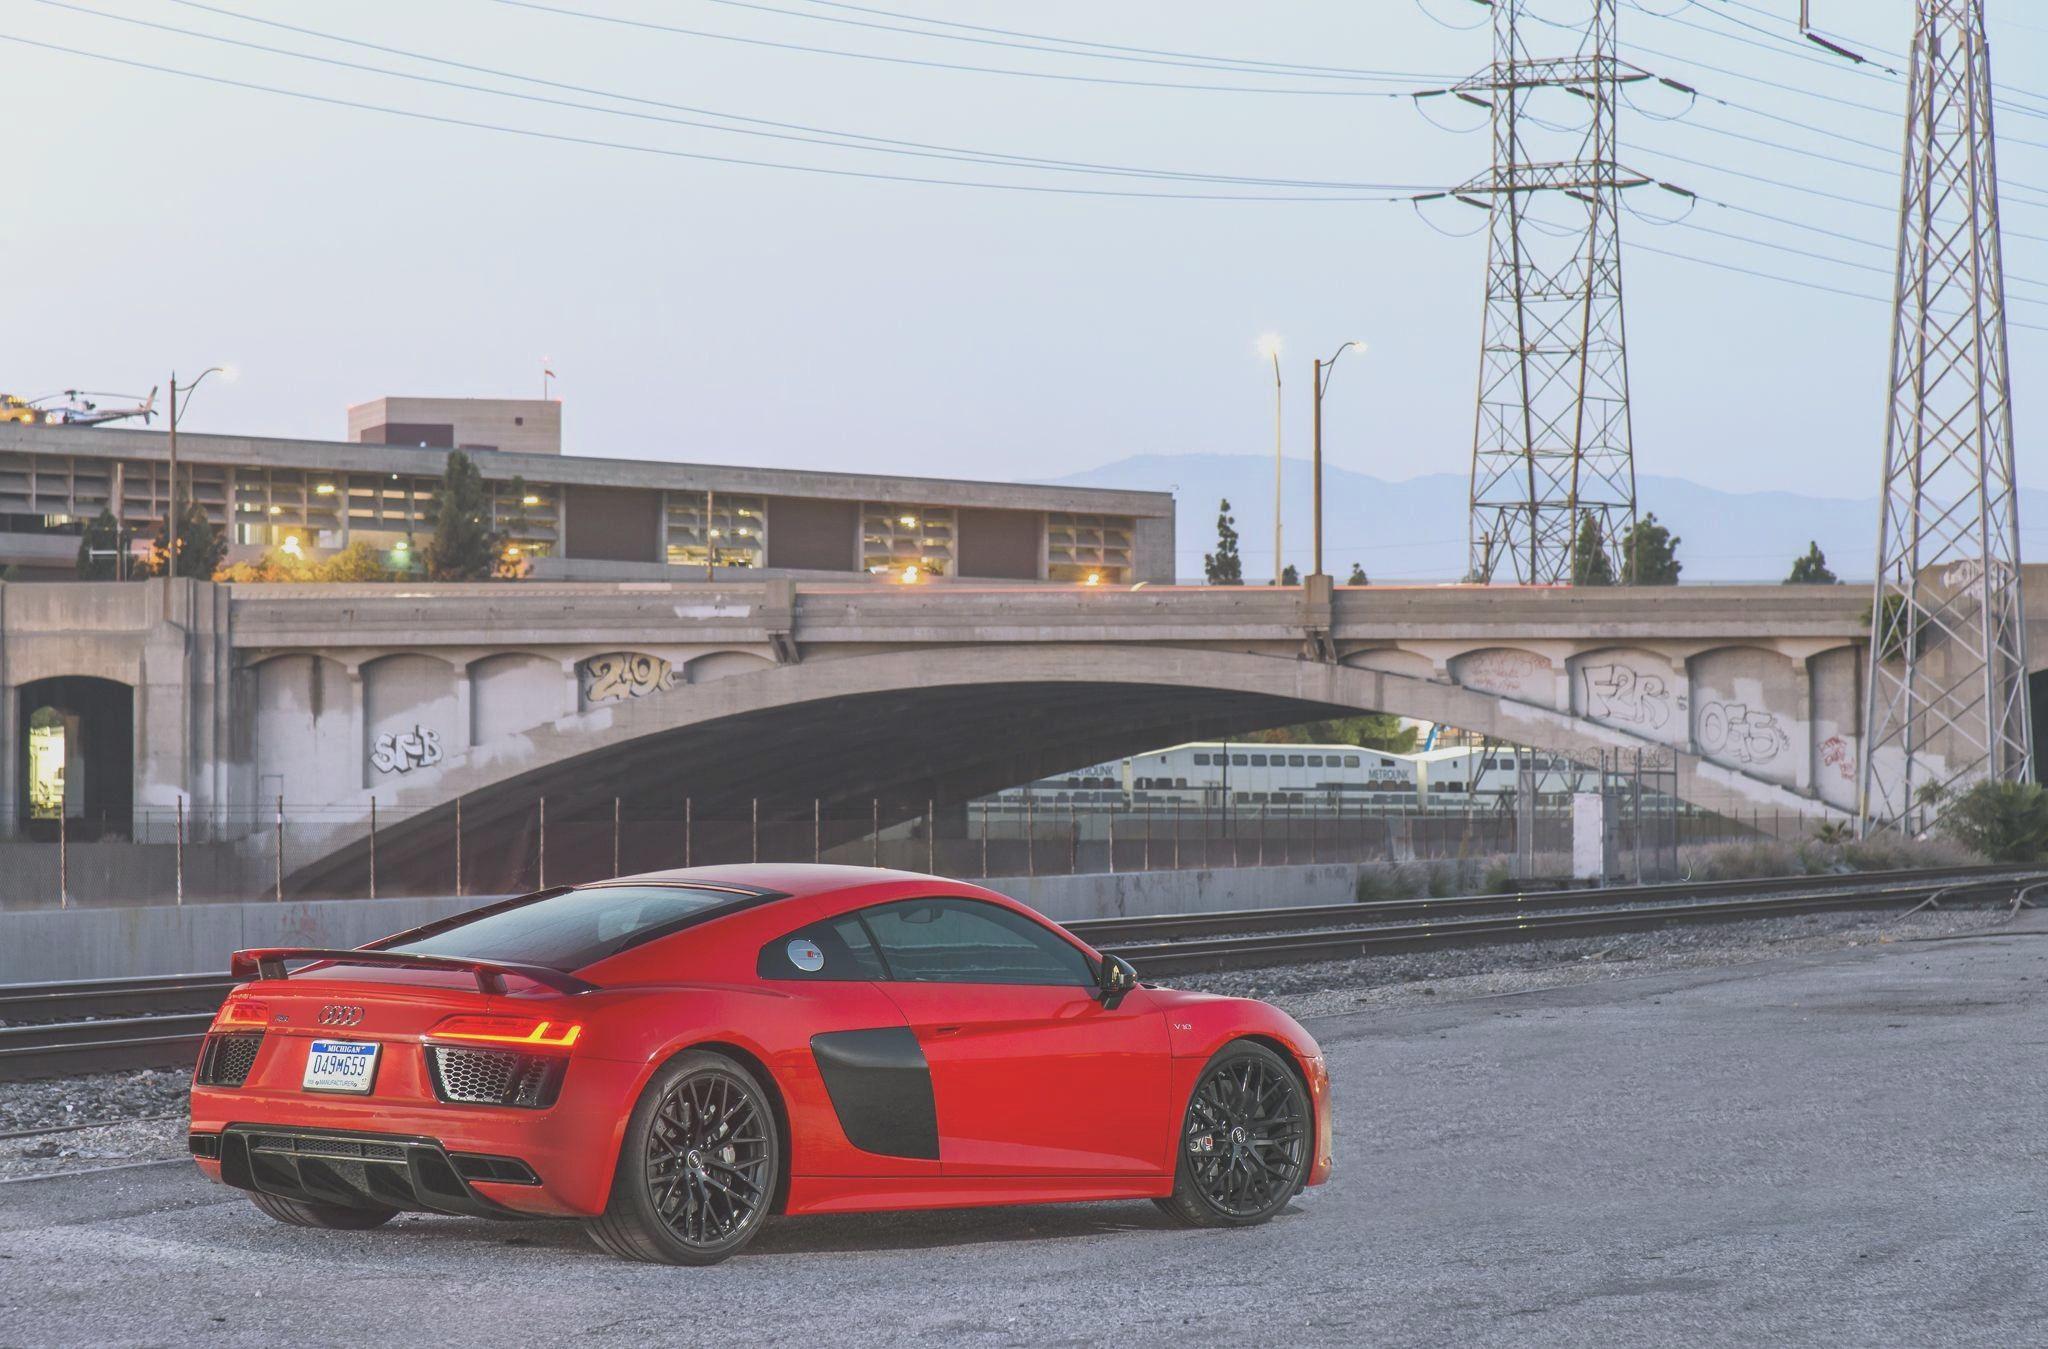 Audirquartermileuniqueaudirvplusmkiilaptimesspecs - Audi r8 quarter mile